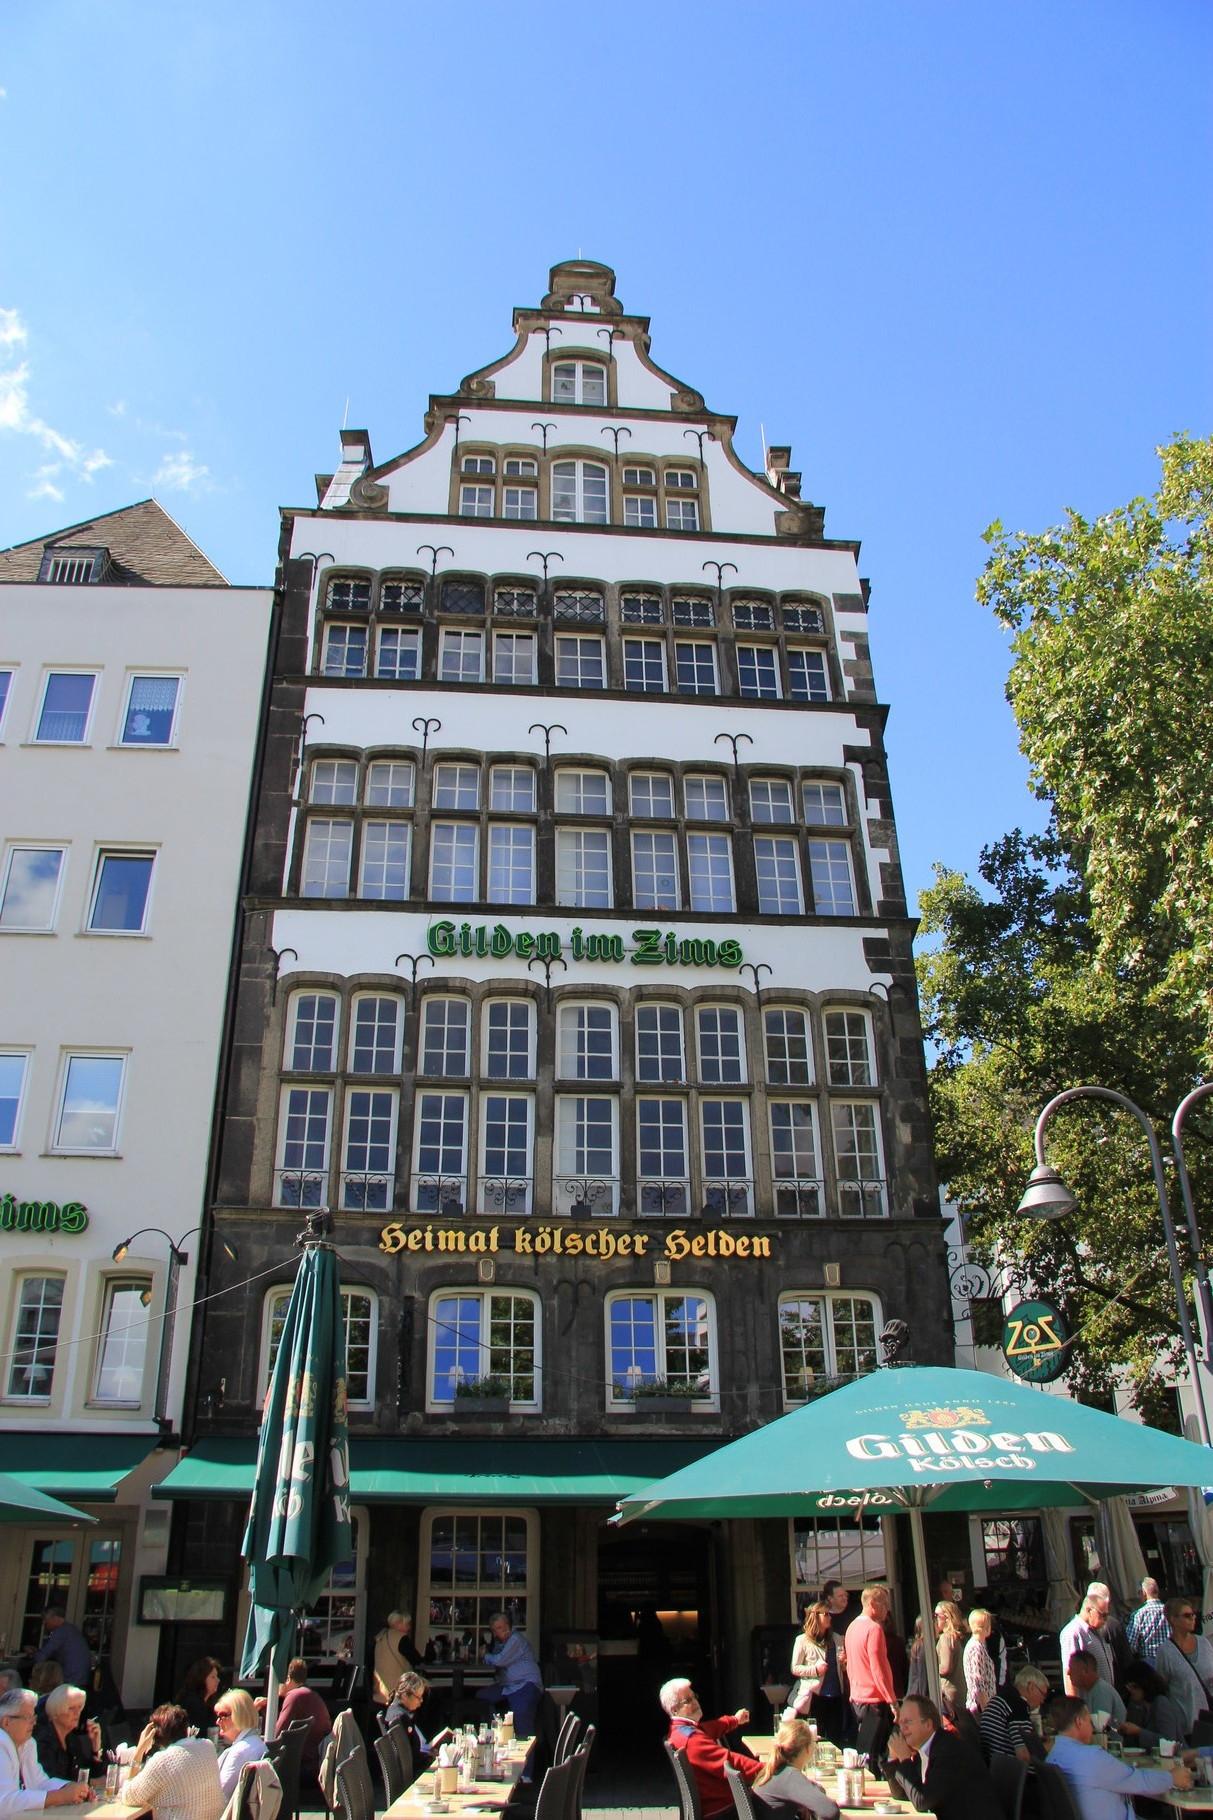 Brauhaustouren - Brauhaus Gilden im Zims am Heumarkt